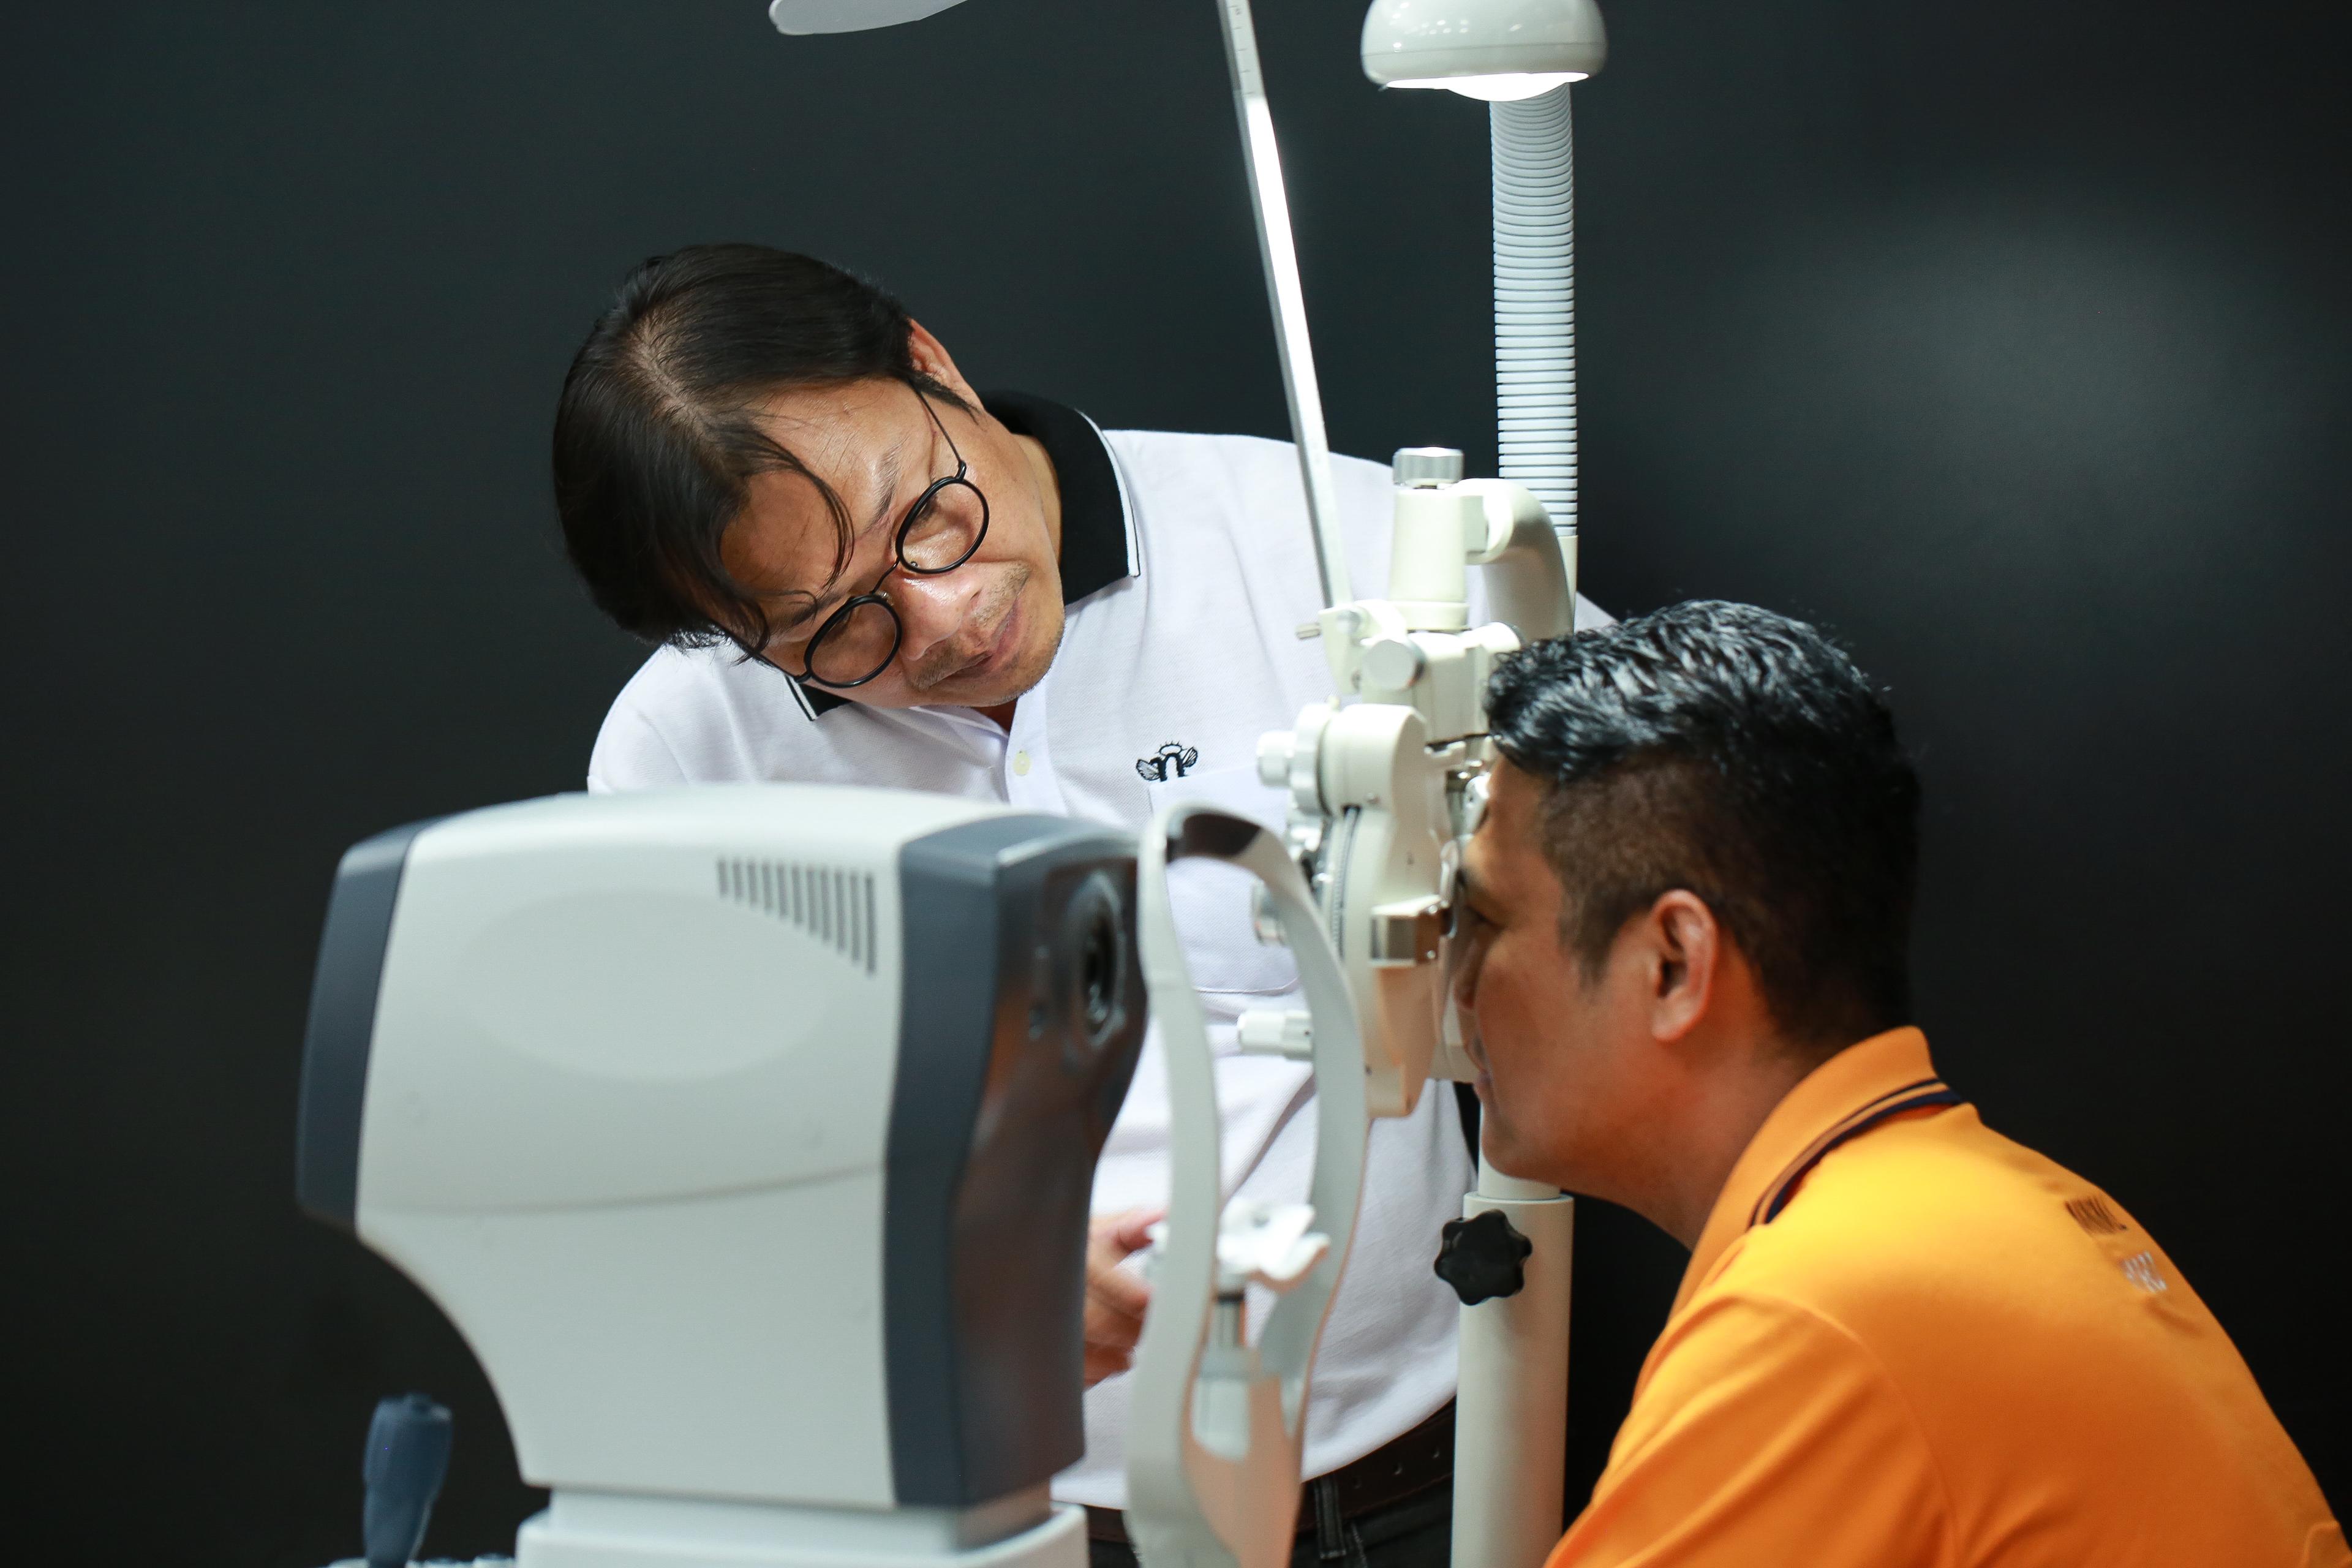 ค่าสายตาคืออะไร มีกี่ประเภท? ปัญหาสายตา ที่ควรรู้